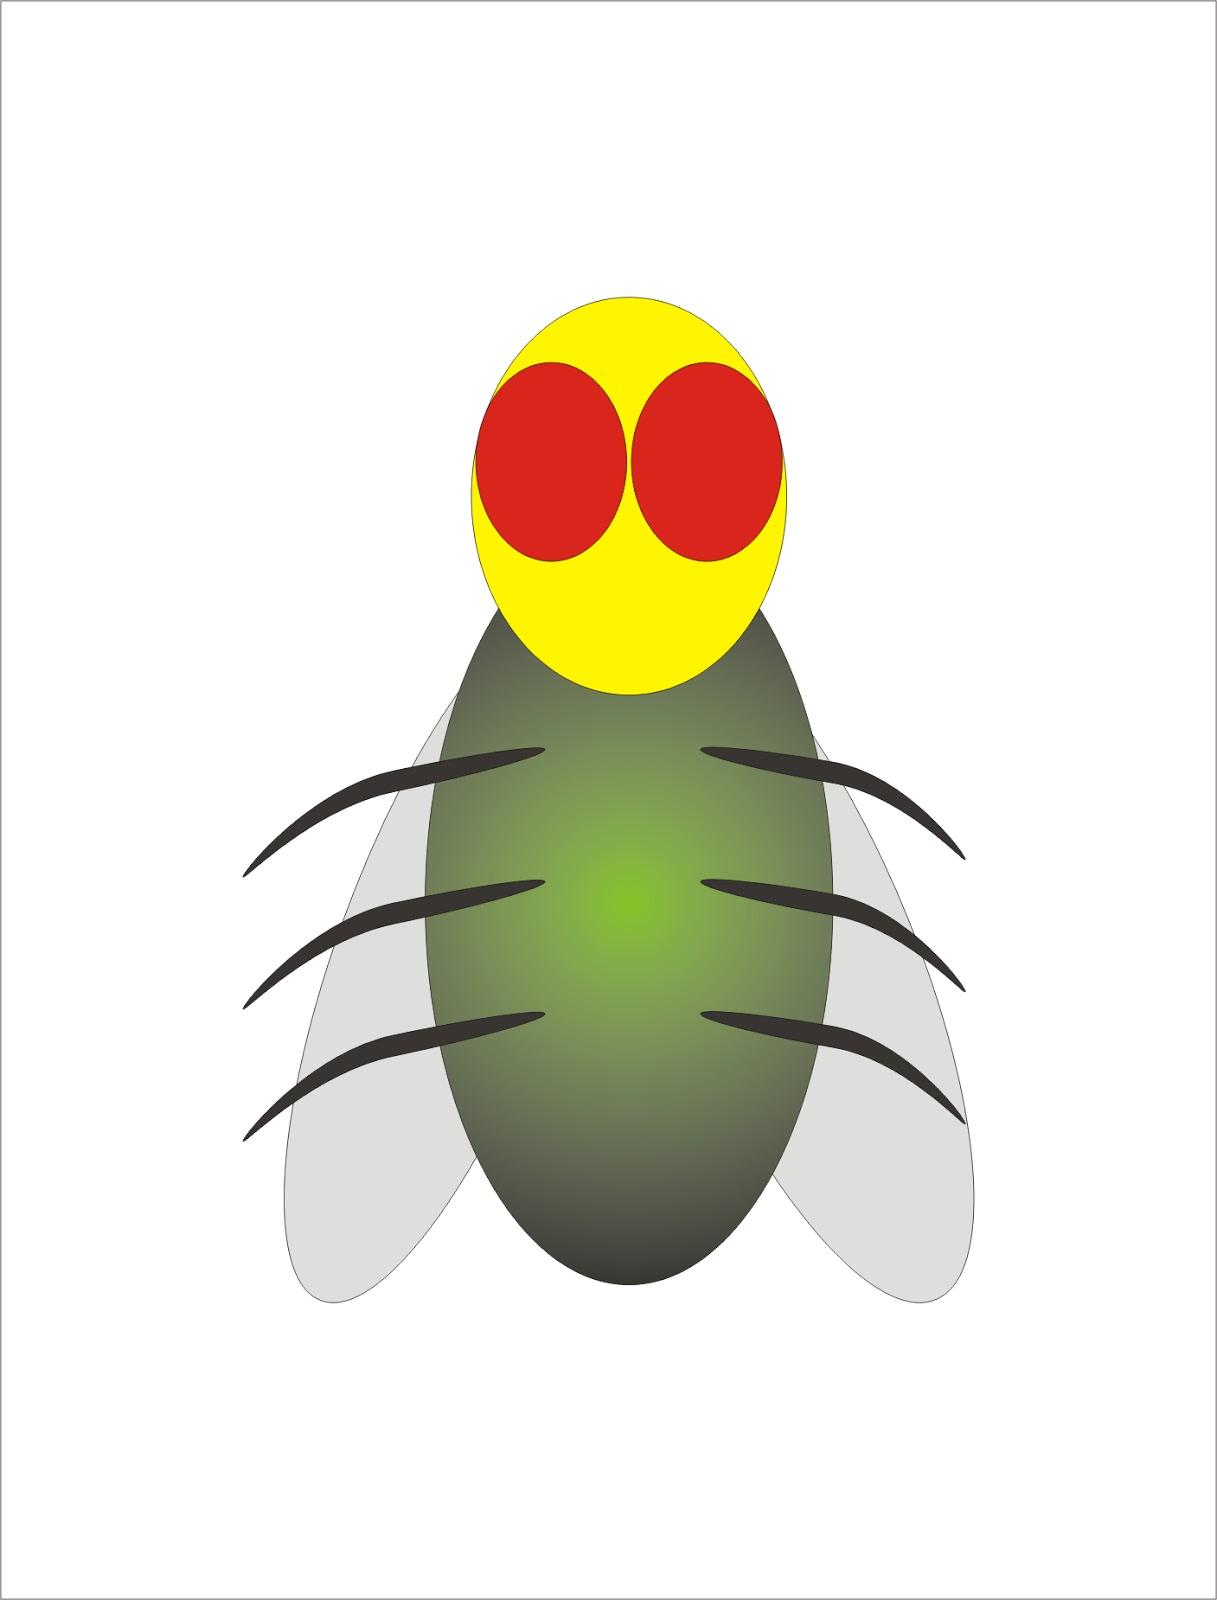 Cara Menggambar Semut : menggambar, semut, Gambar, Ekspresi, Karikatur, Karitur